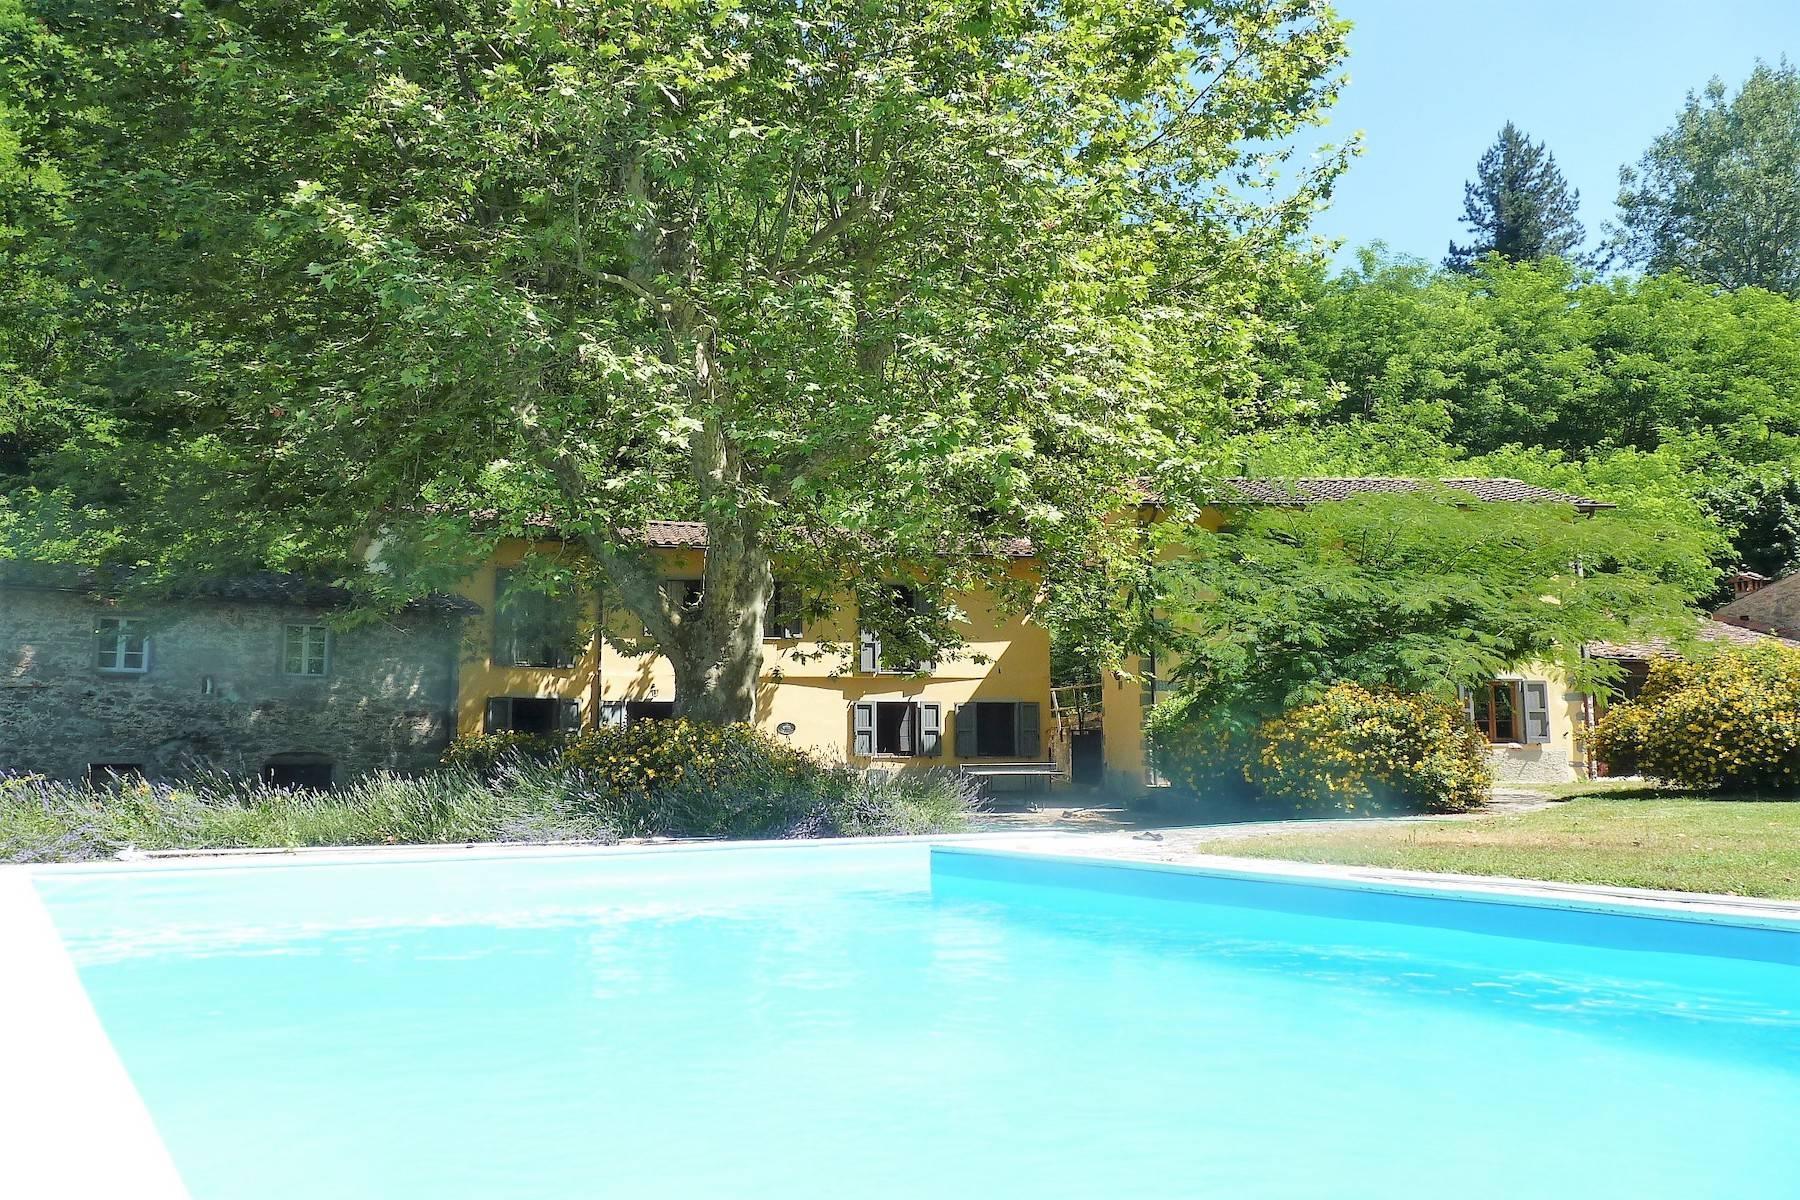 Maison de campagne enchantée sur les collines autour de Lucca - 3